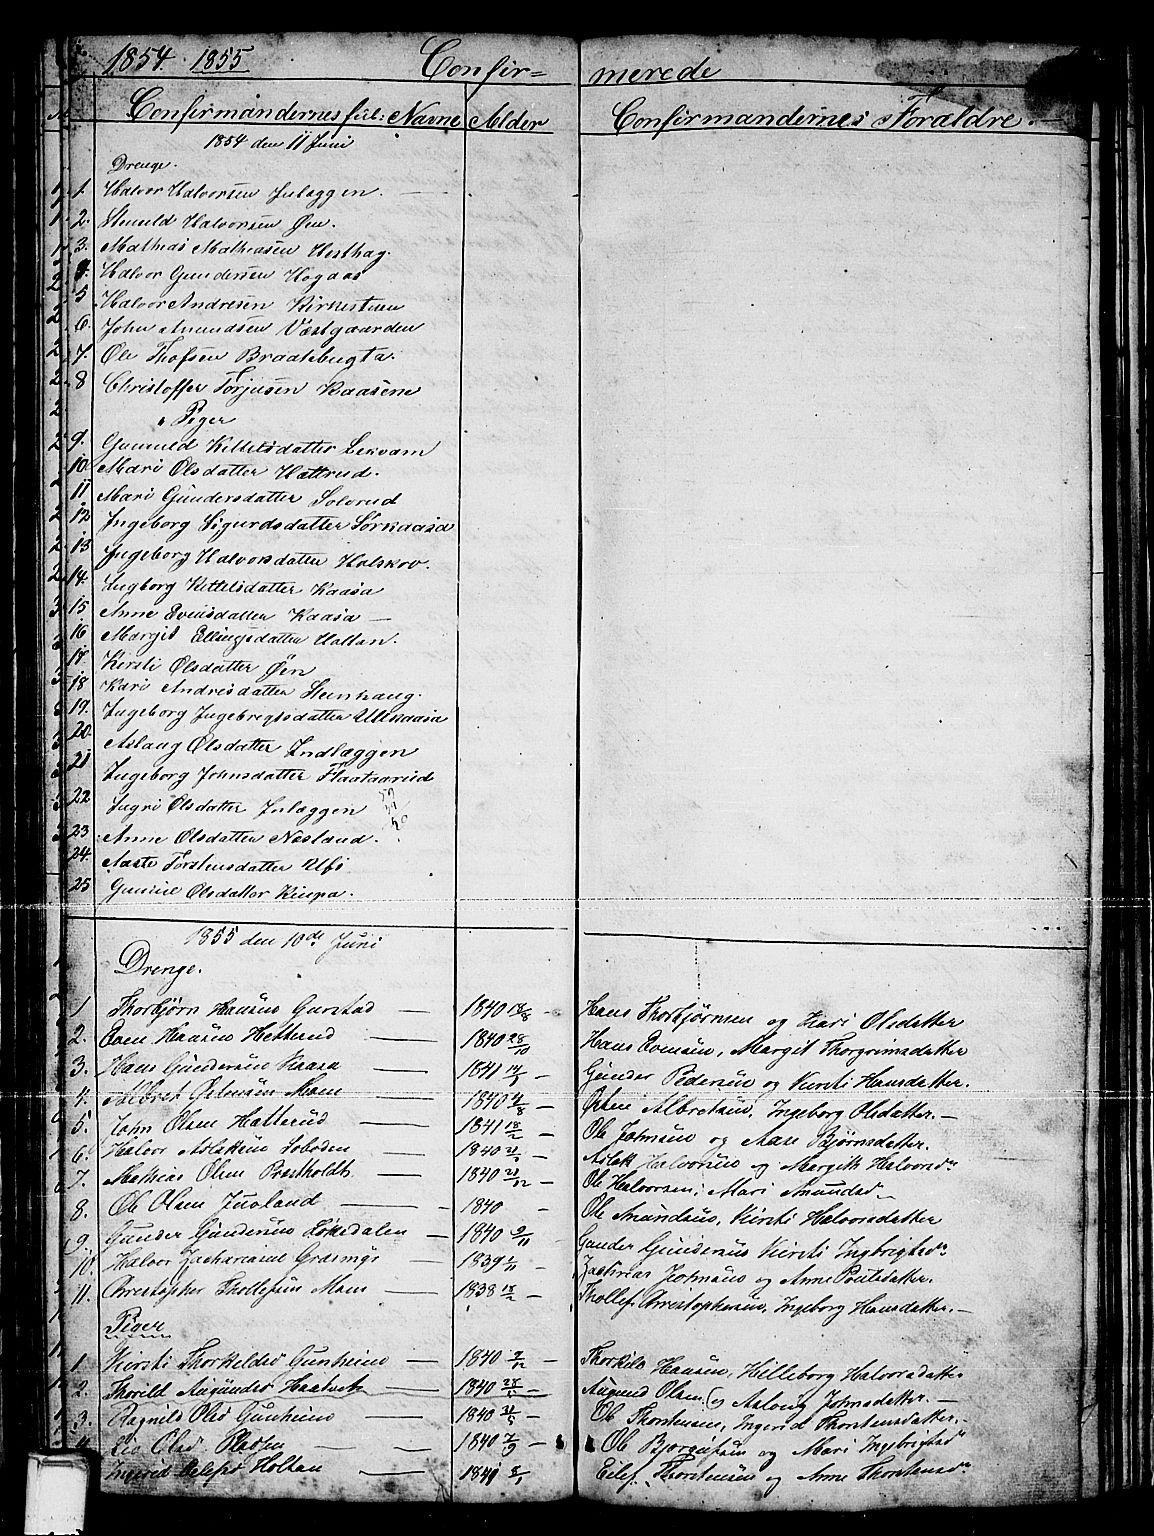 SAKO, Sauherad kirkebøker, G/Gb/L0001: Klokkerbok nr. II 1, 1845-1865, s. 64